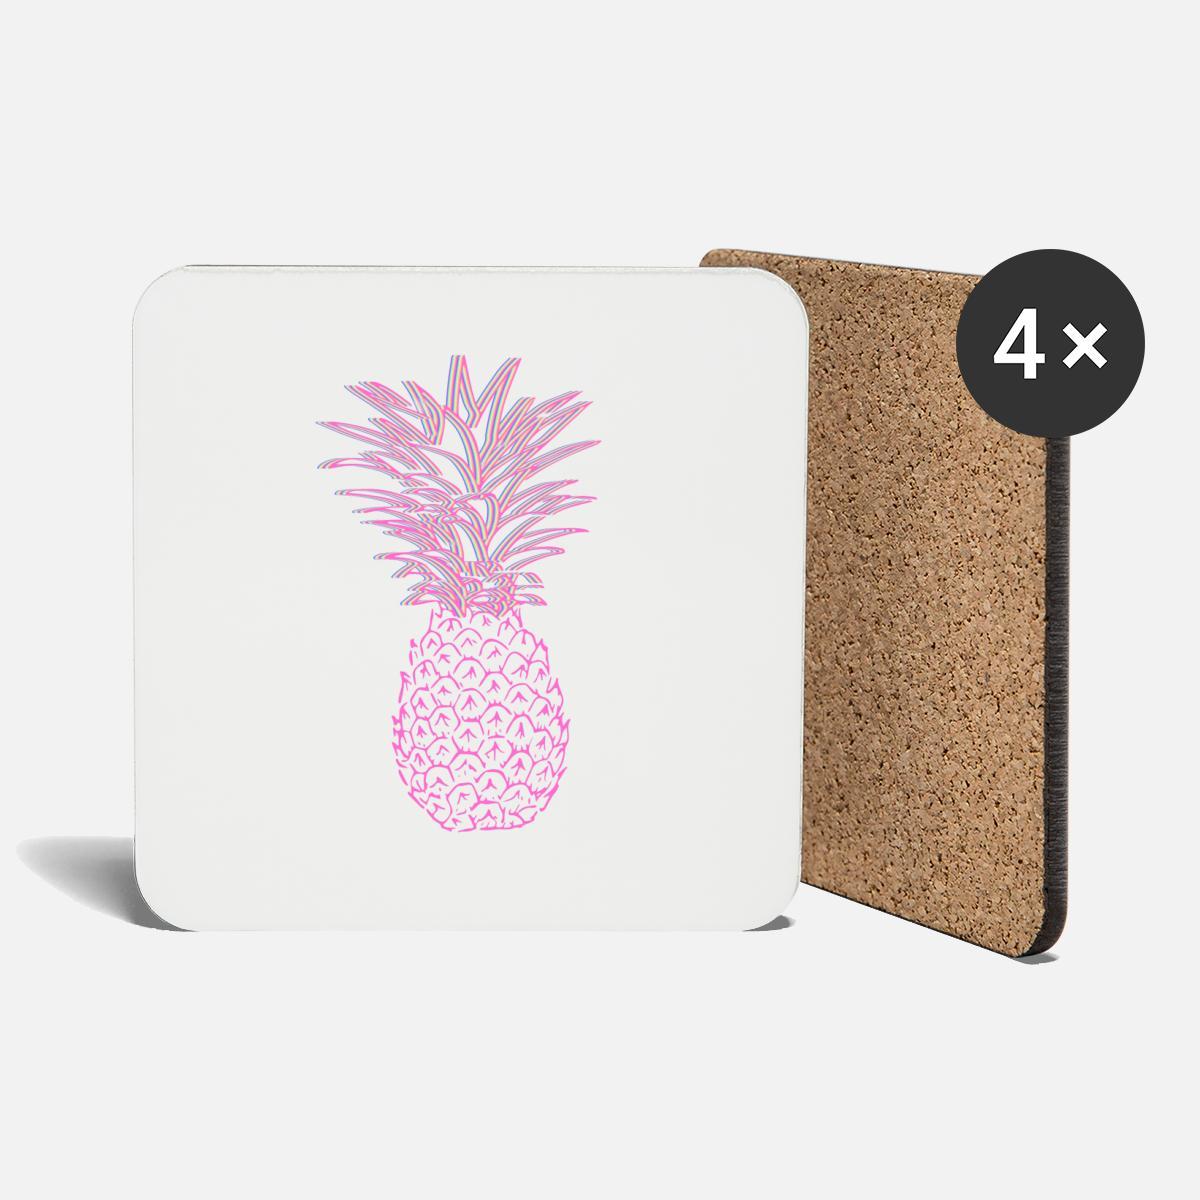 Ananas Rysunek różowy ananas podstawki (4 sztuki w zestawie) - biały